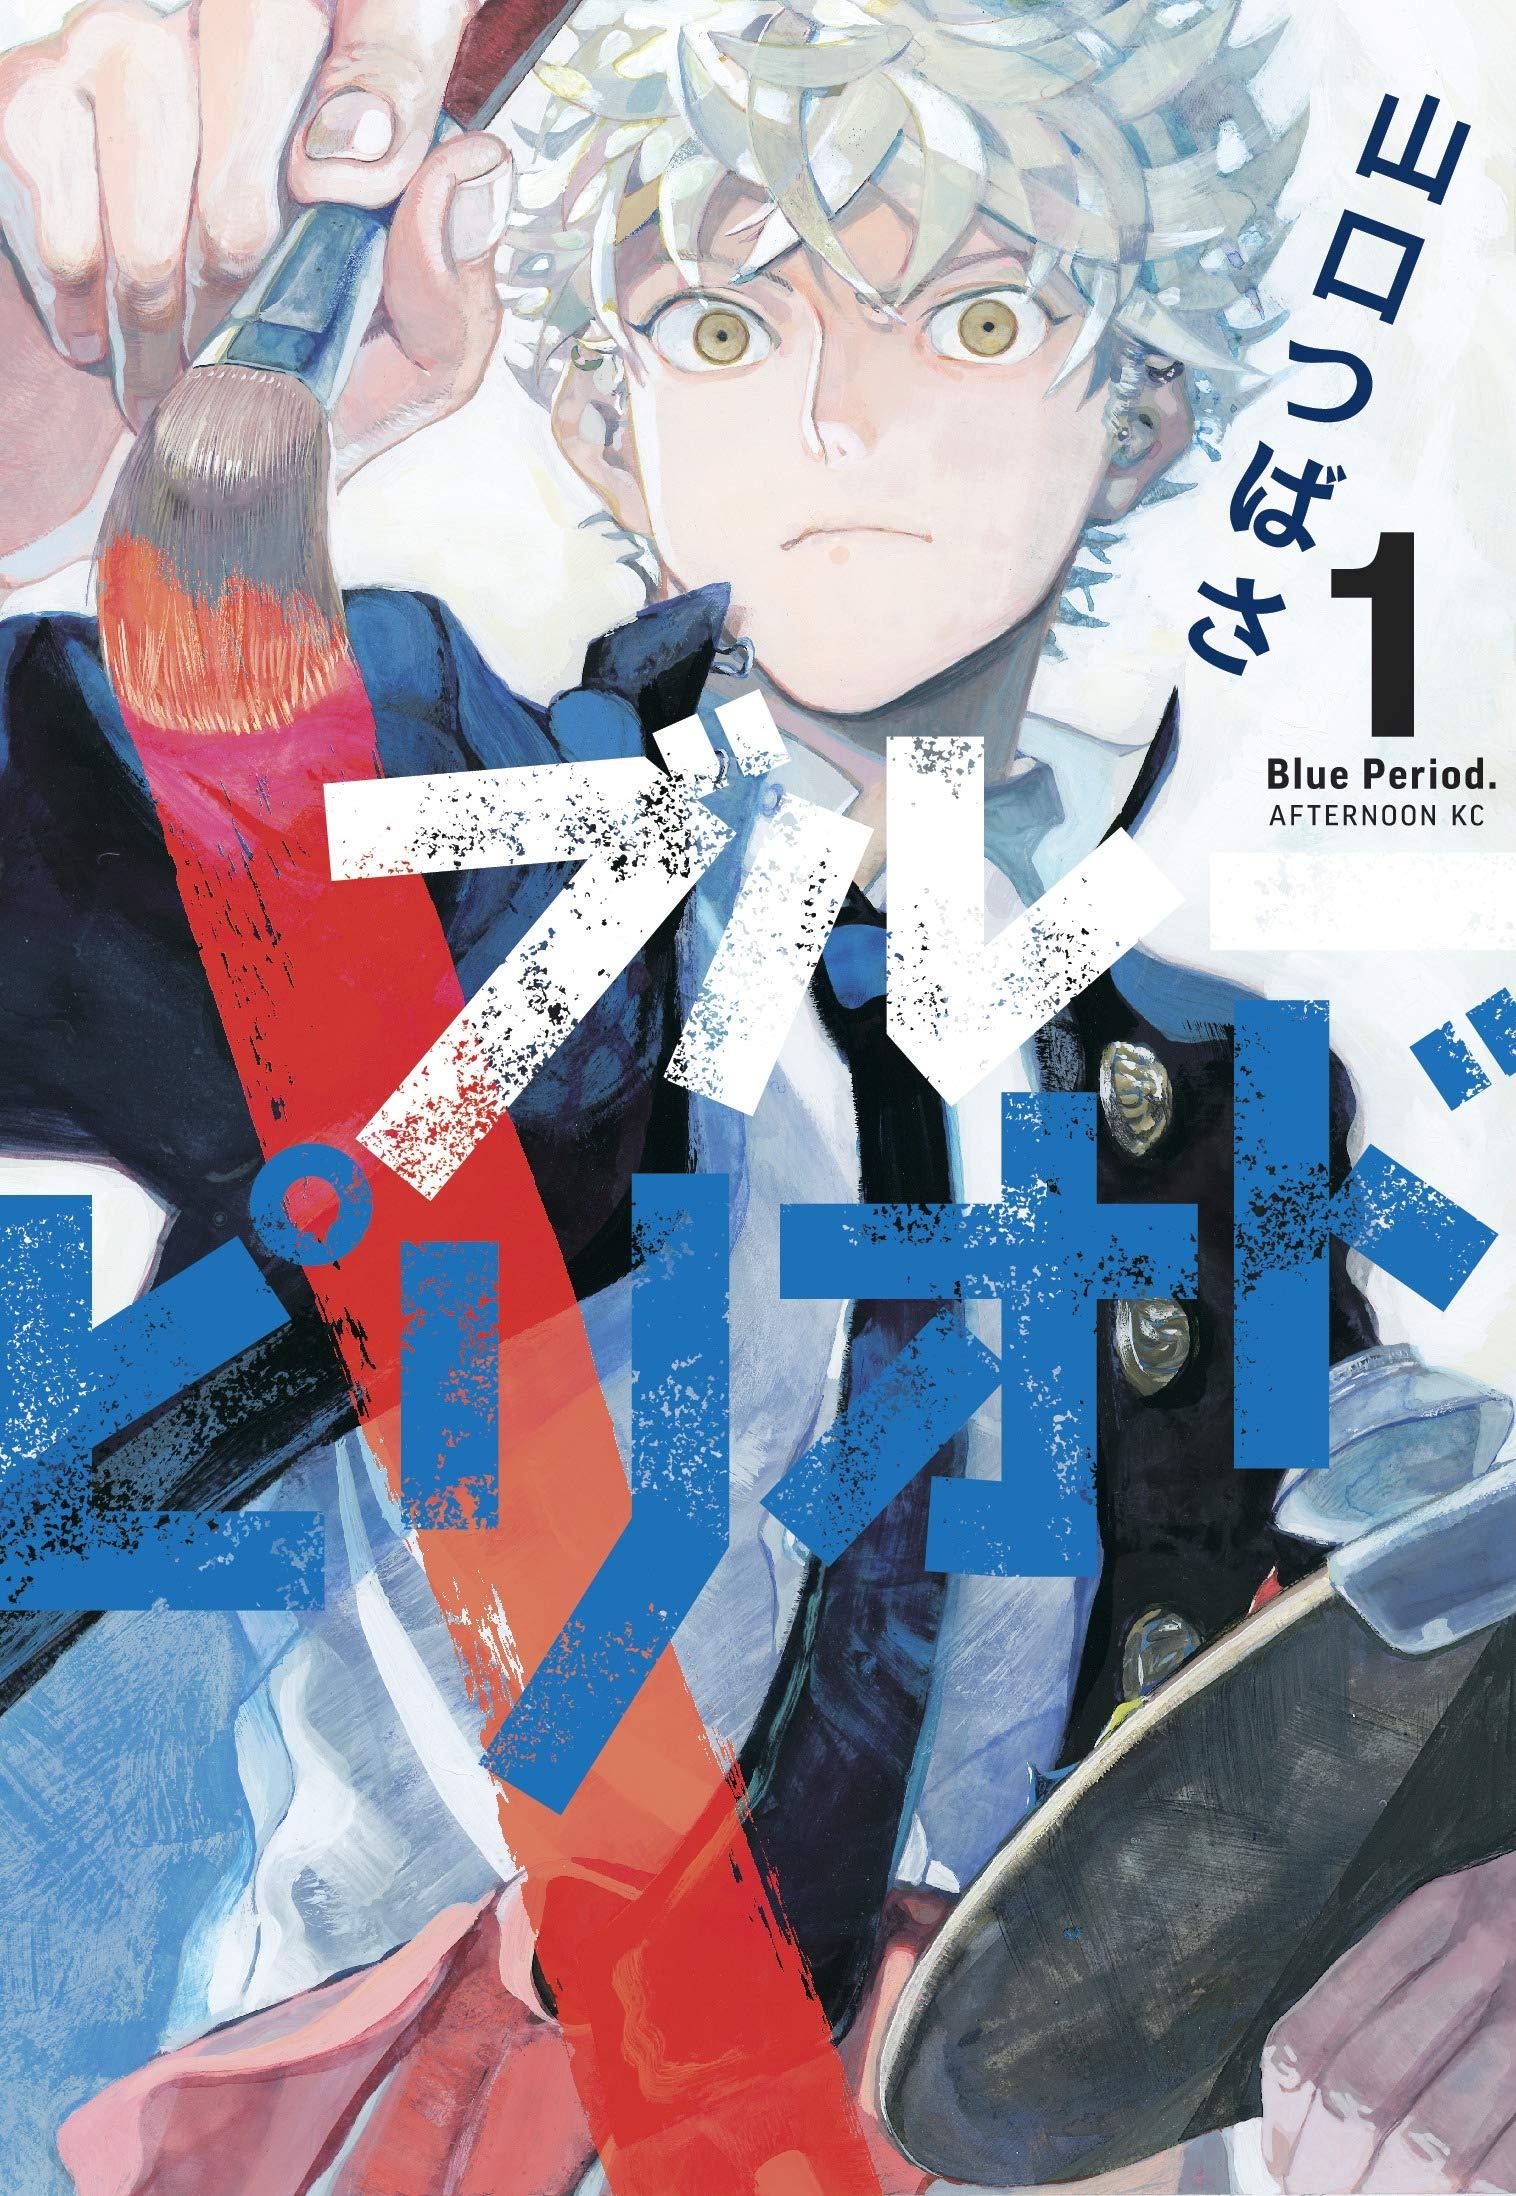 Tokyo Revengers Official Art - My Anime List